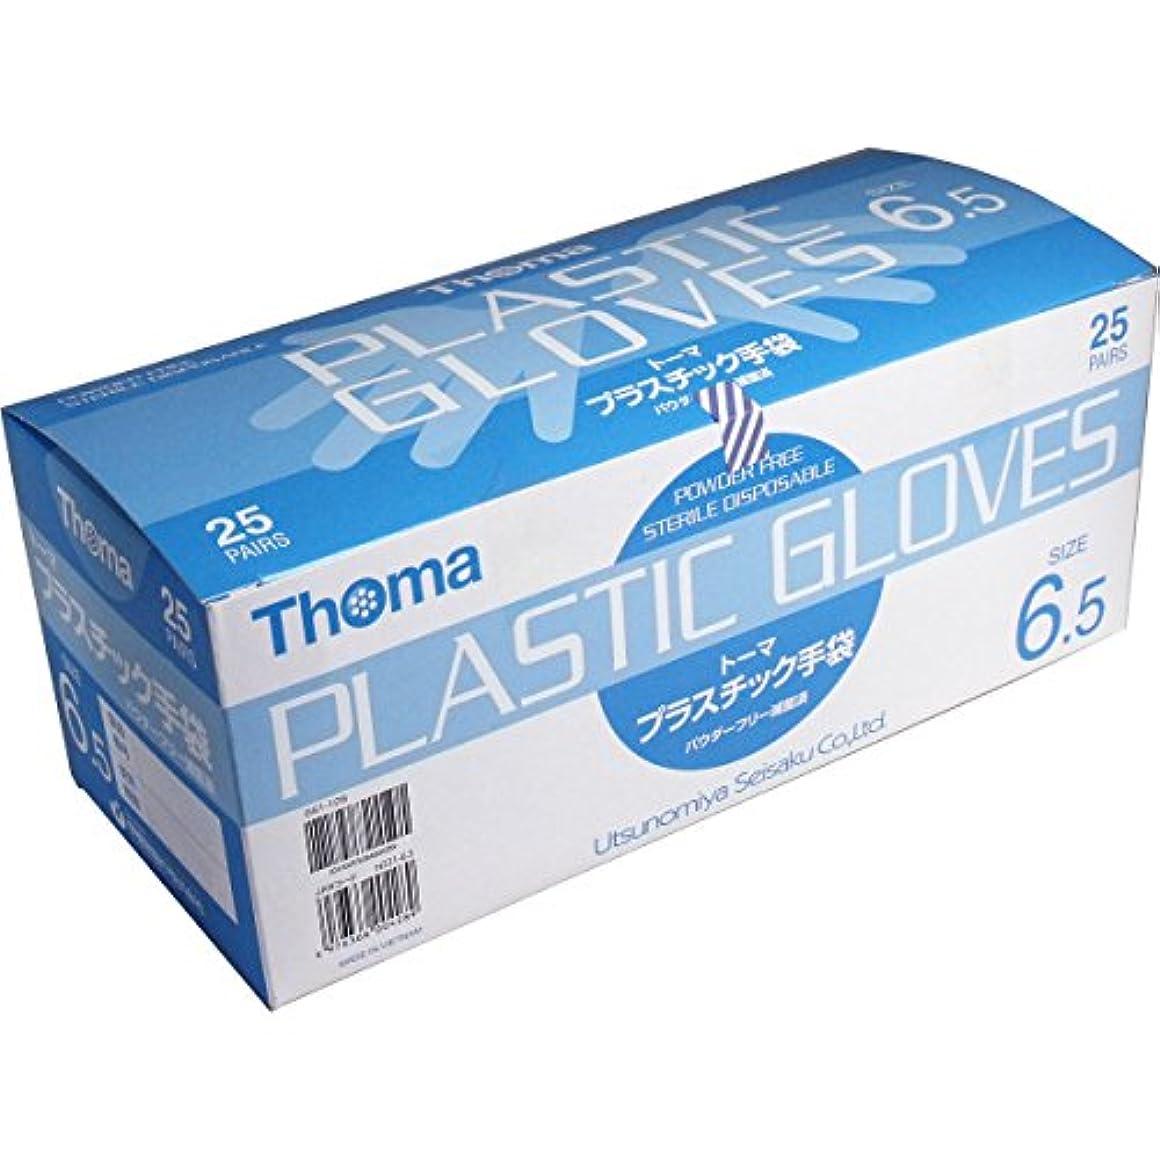 モディッシュ重々しい収まる超薄手プラスチック手袋 1双毎に滅菌包装、衛生的 便利 トーマ プラスチック手袋 パウダーフリー滅菌済 25双入 サイズ6.5